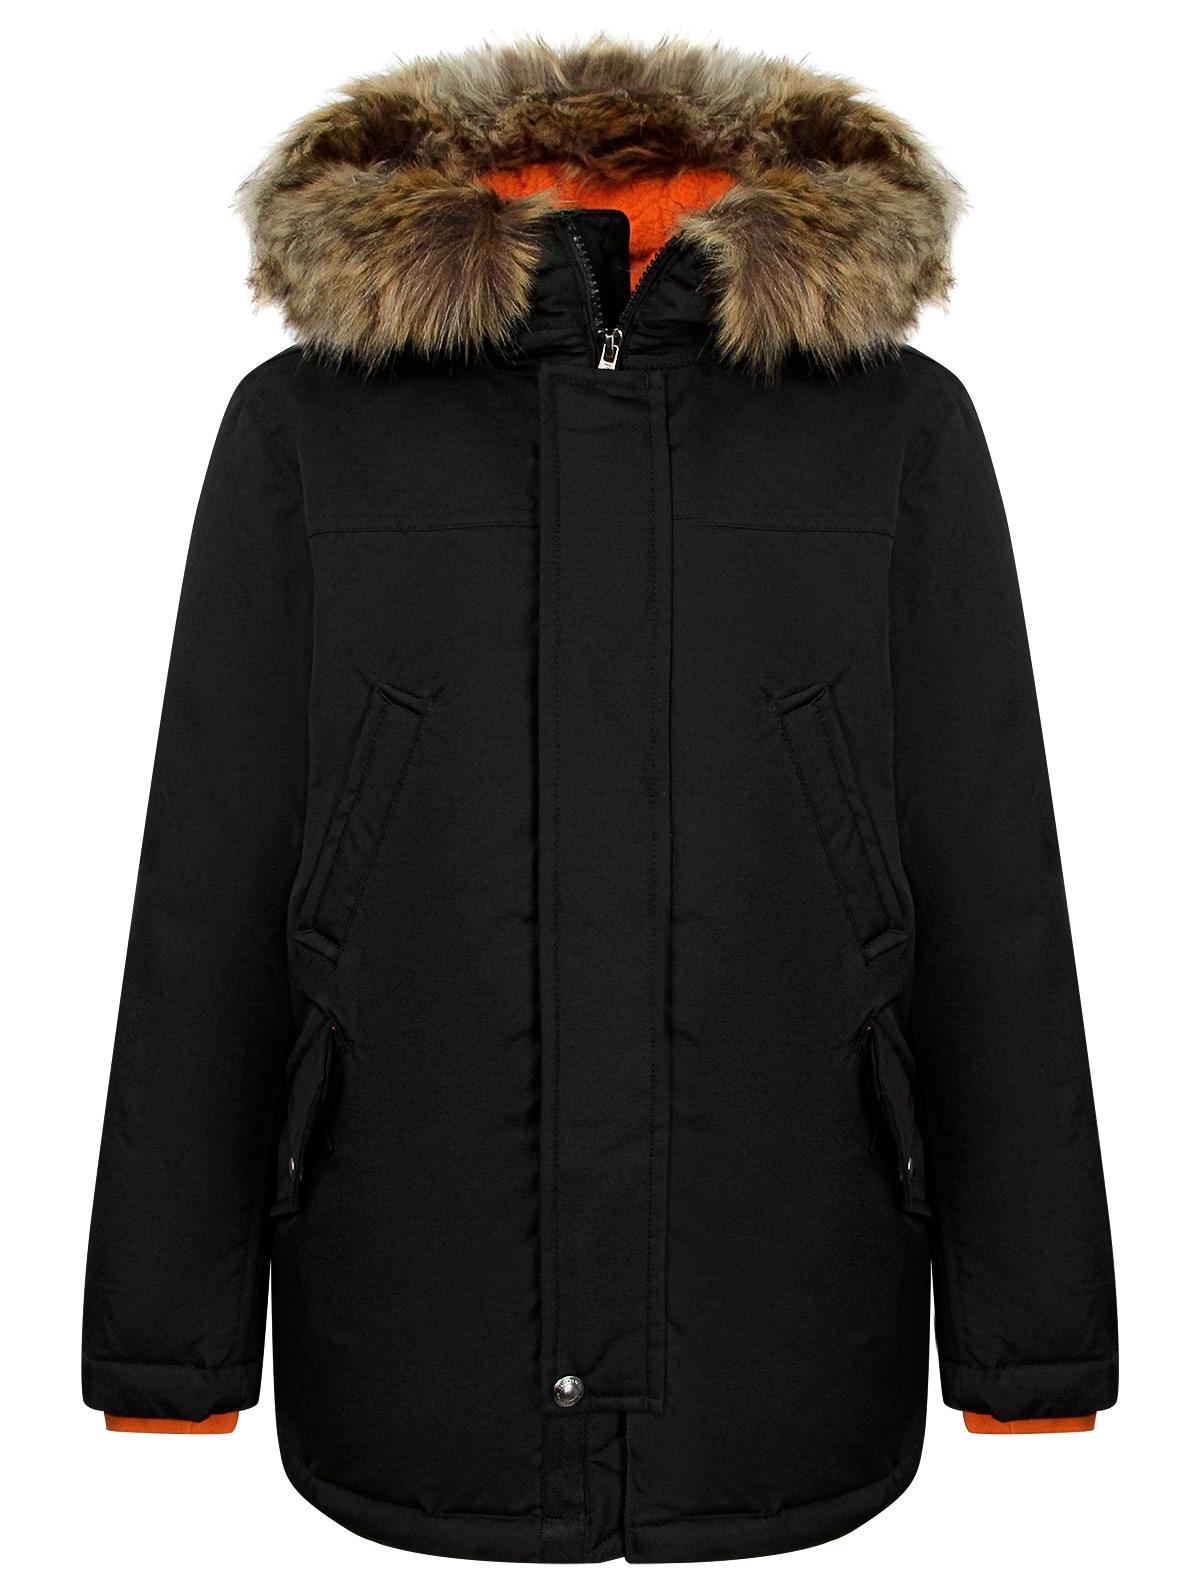 Купить 2263538, Куртка Ralph Lauren, черный, Мужской, 1074519086182